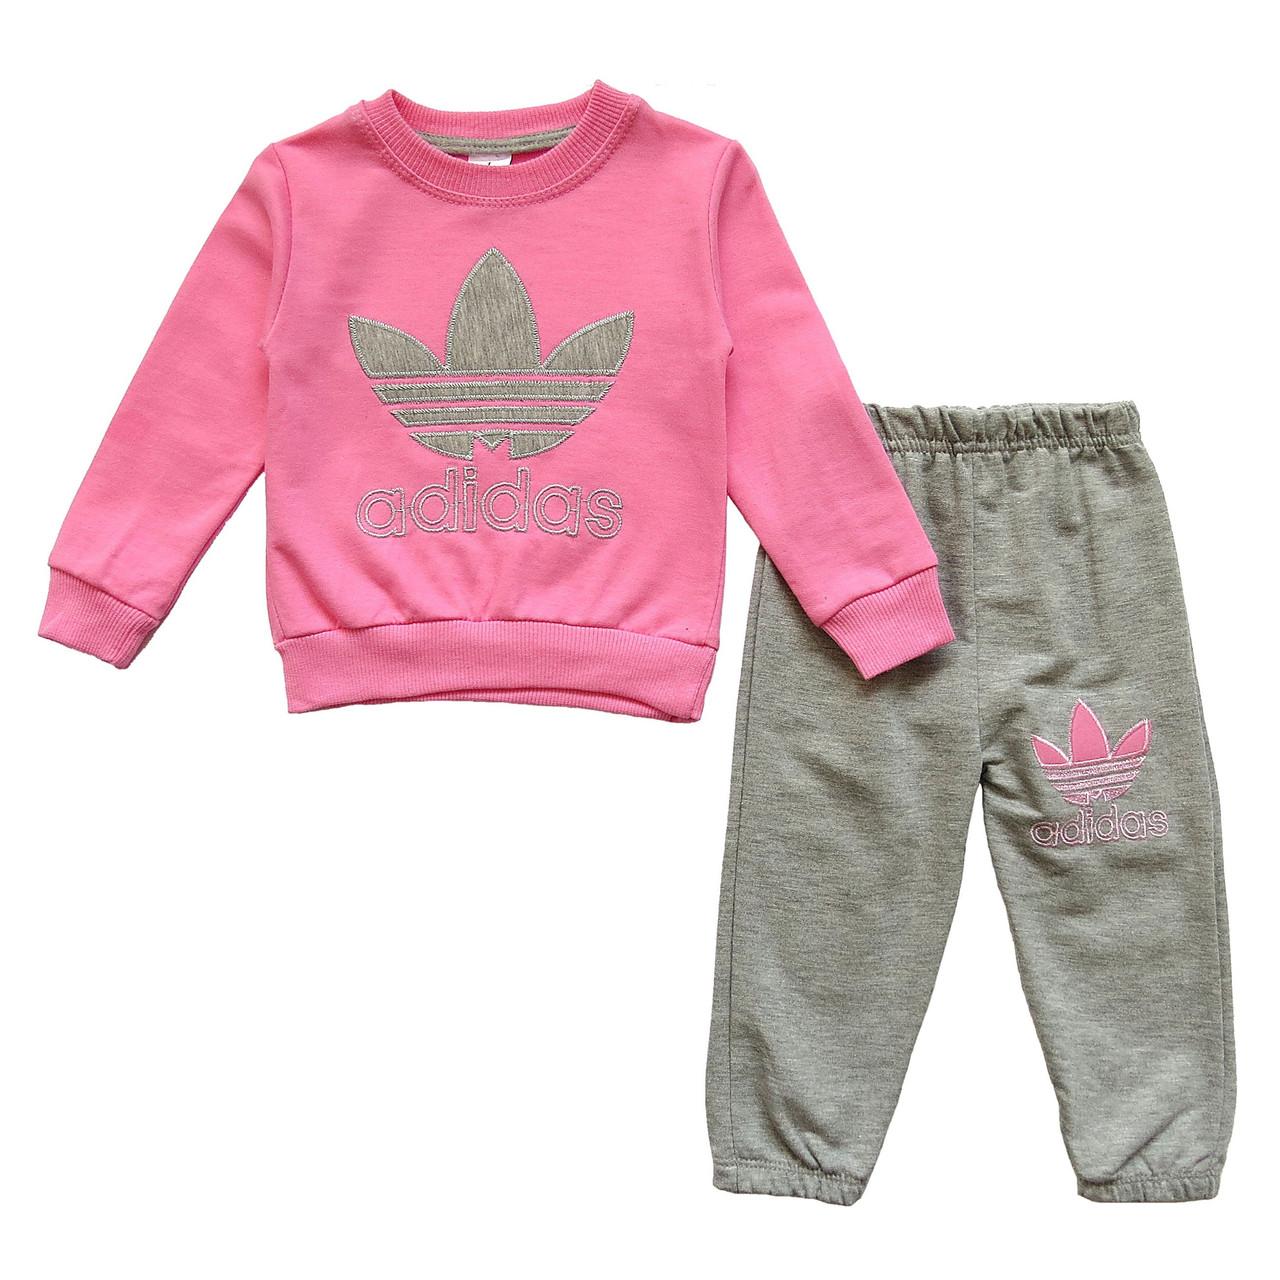 Спортивный костюм Adidas для девочки. Маломерит. 1 год